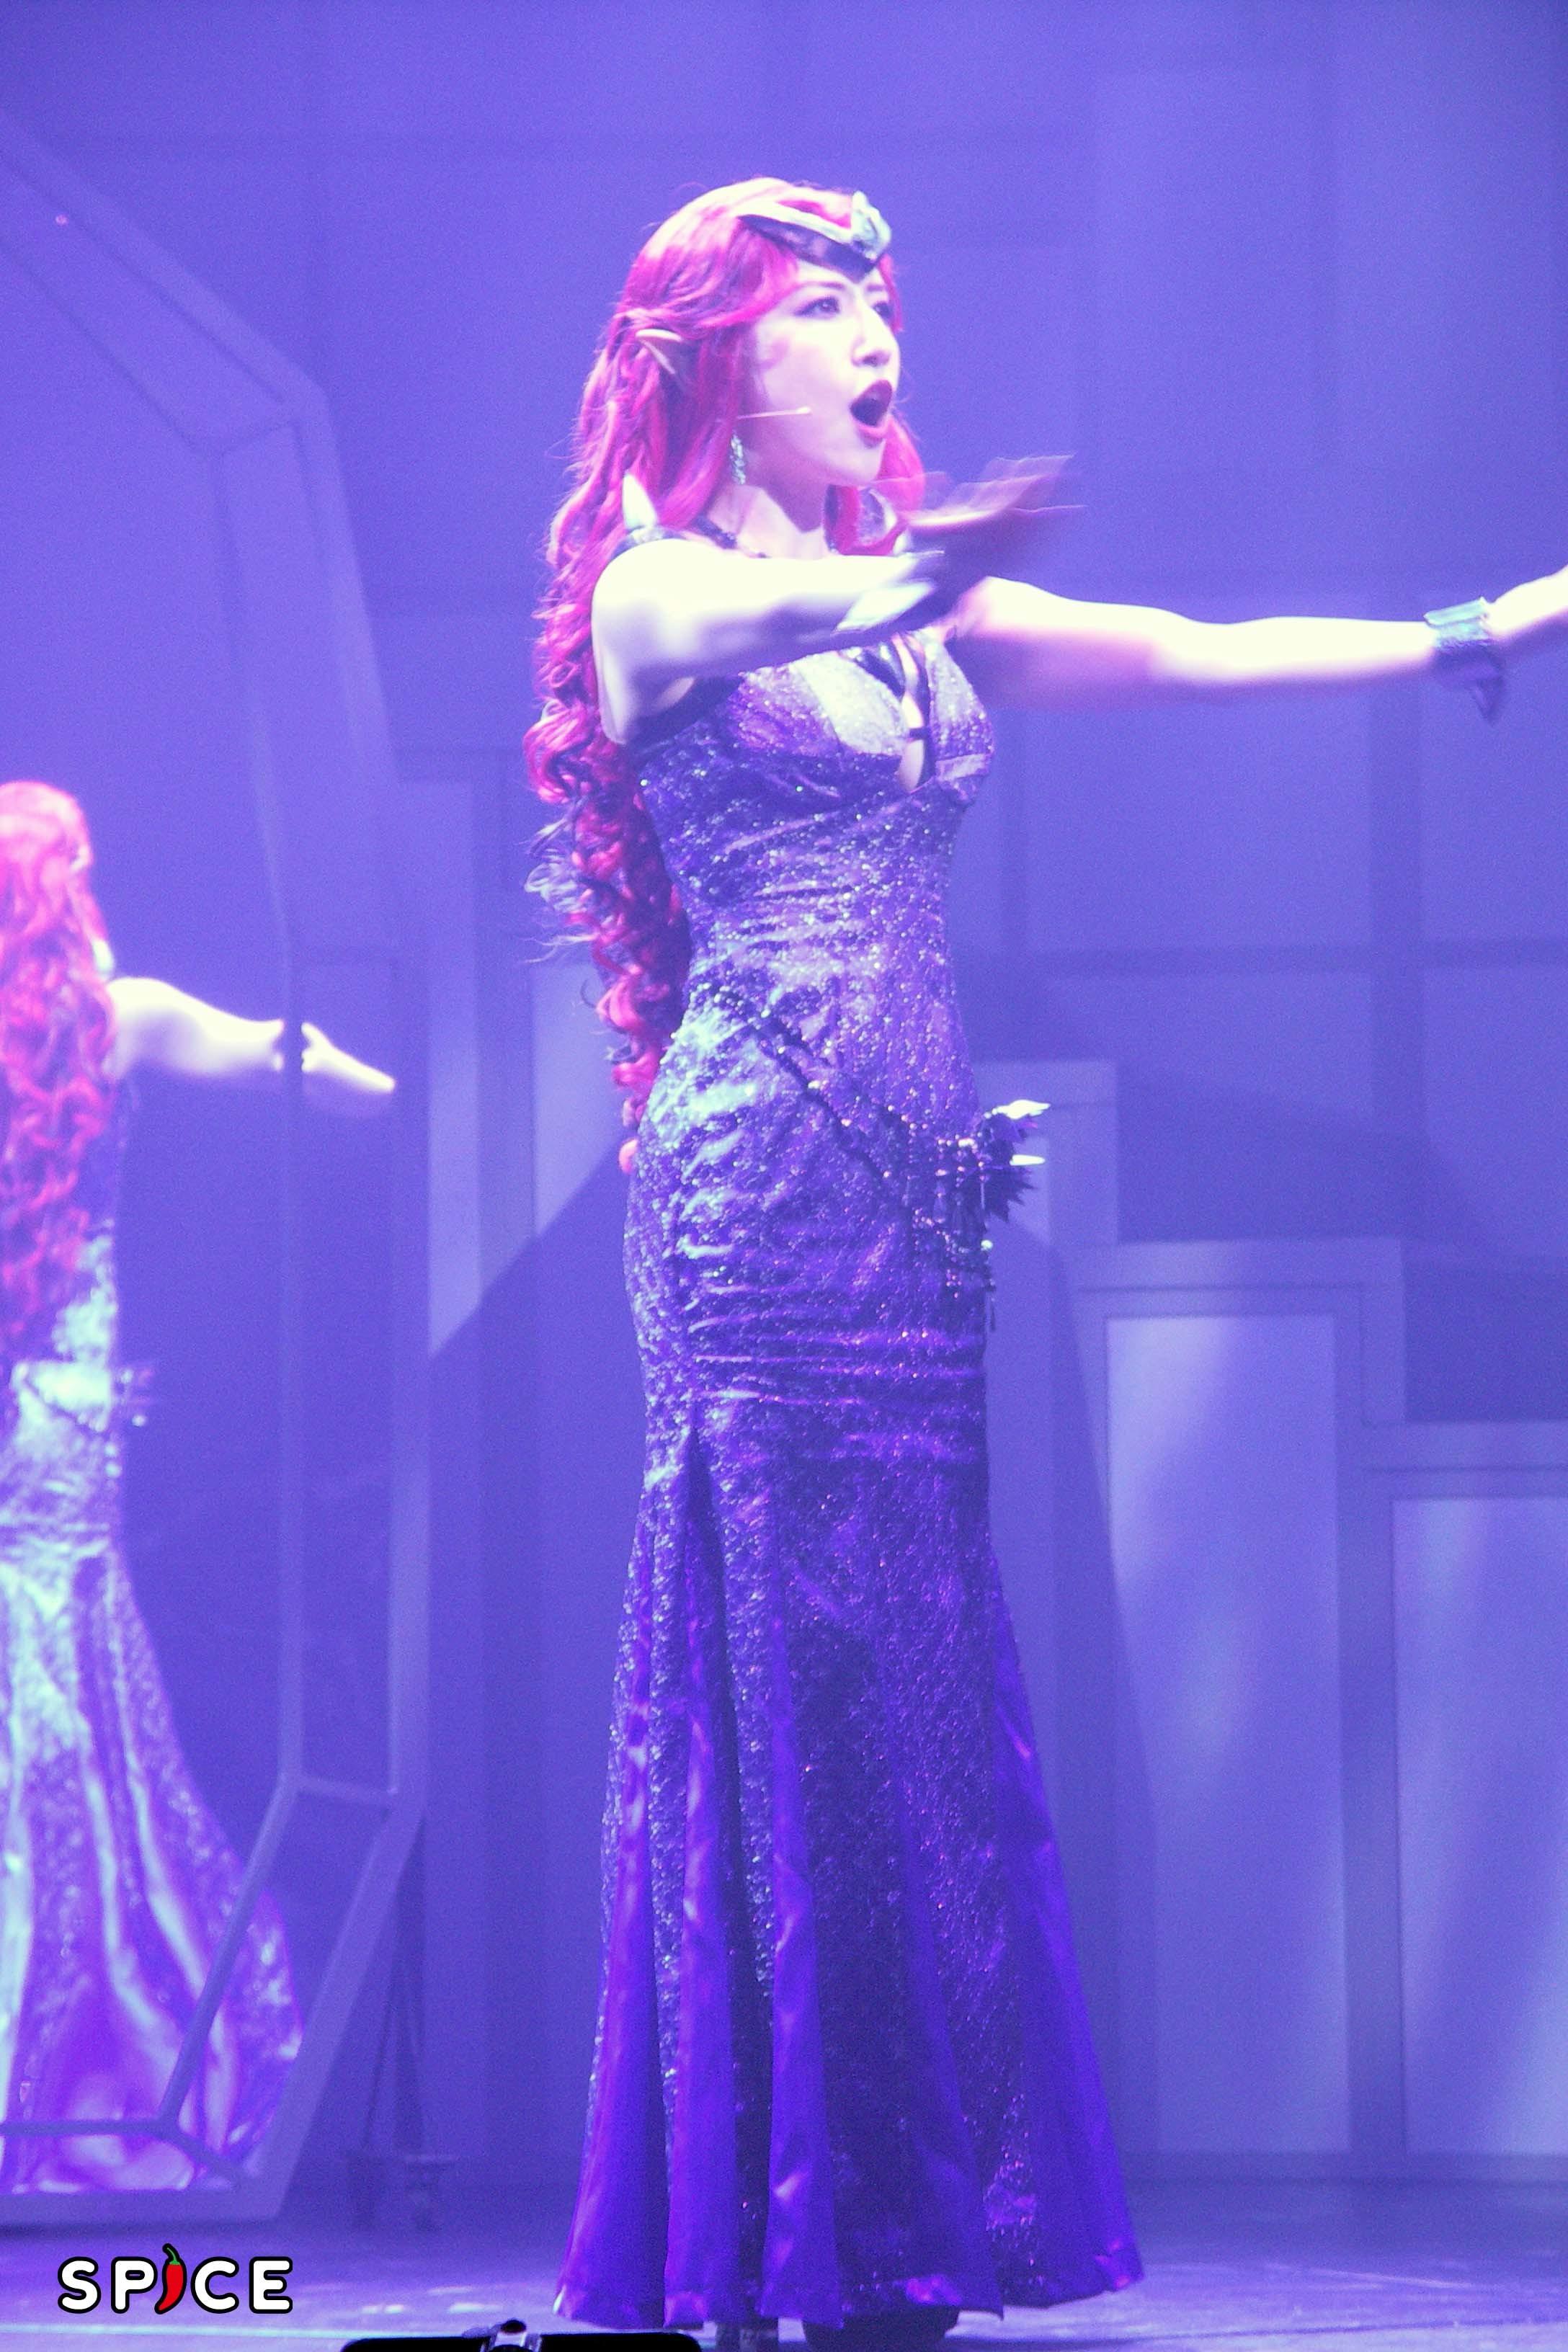 歌唱力を活かしてダーク・キングダムの女王を演じるのは玉置成実 (C)武内直子・PNP/乃木坂46版 ミュージカル「美少女戦士セーラームーン」製作委員会